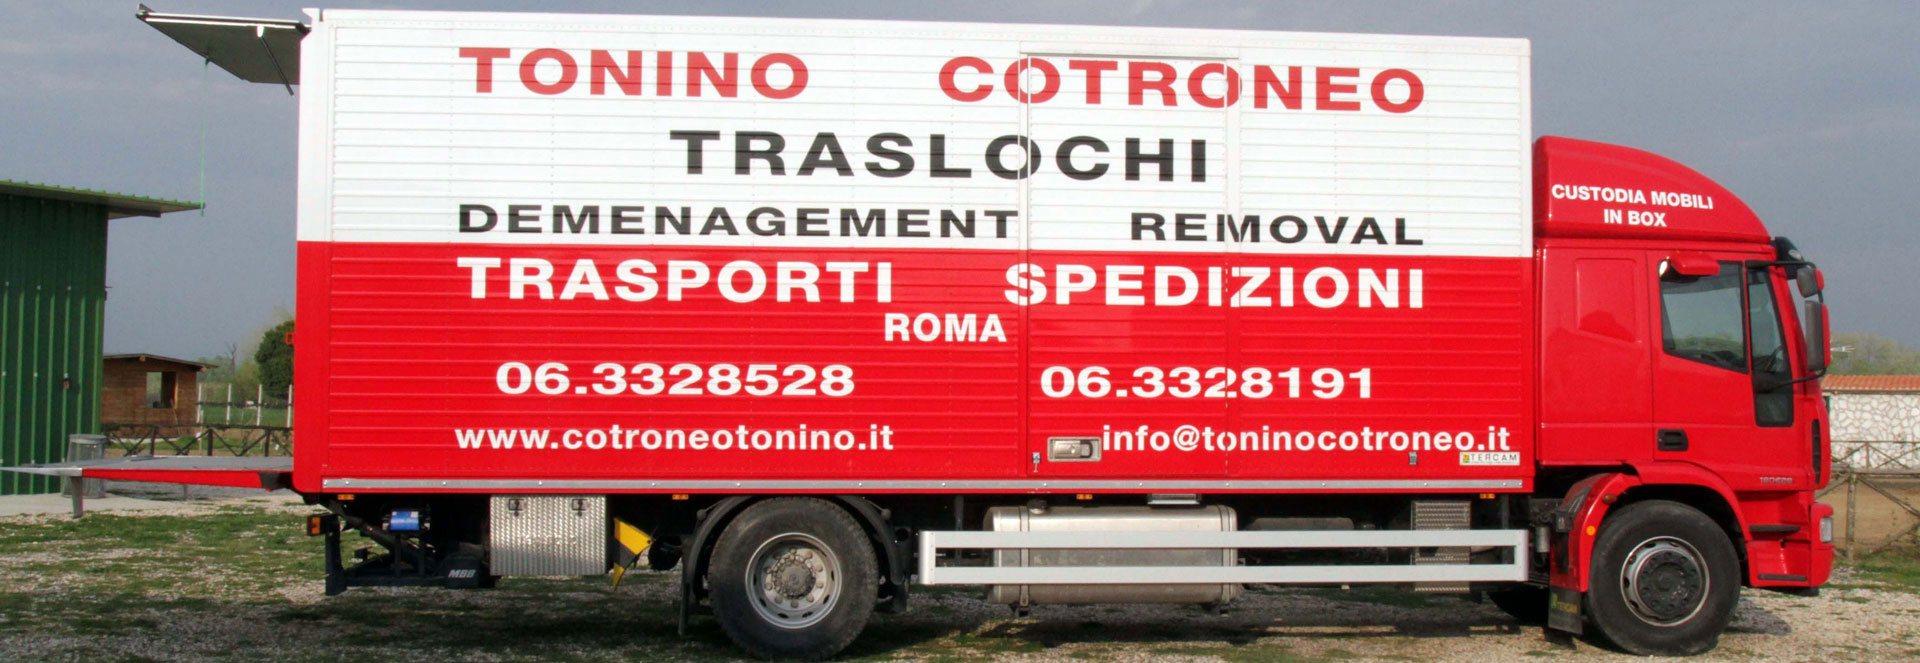 Tonino-Cotroneo-Traslochi7